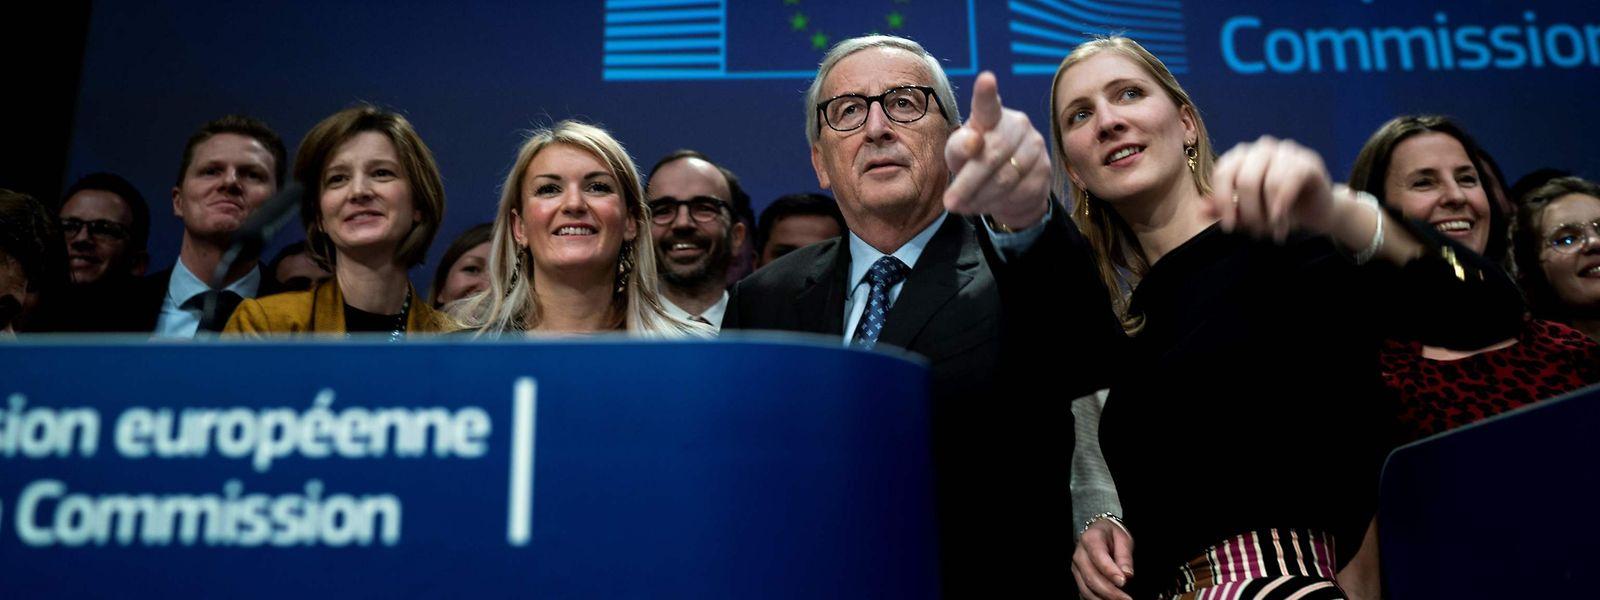 Letzter Auftritt vor dem Brüsseler Pressekorps: Jean-Claude Juncker und Mitarbeiter auf der Bühne im Gebäude der EU-Kommission.